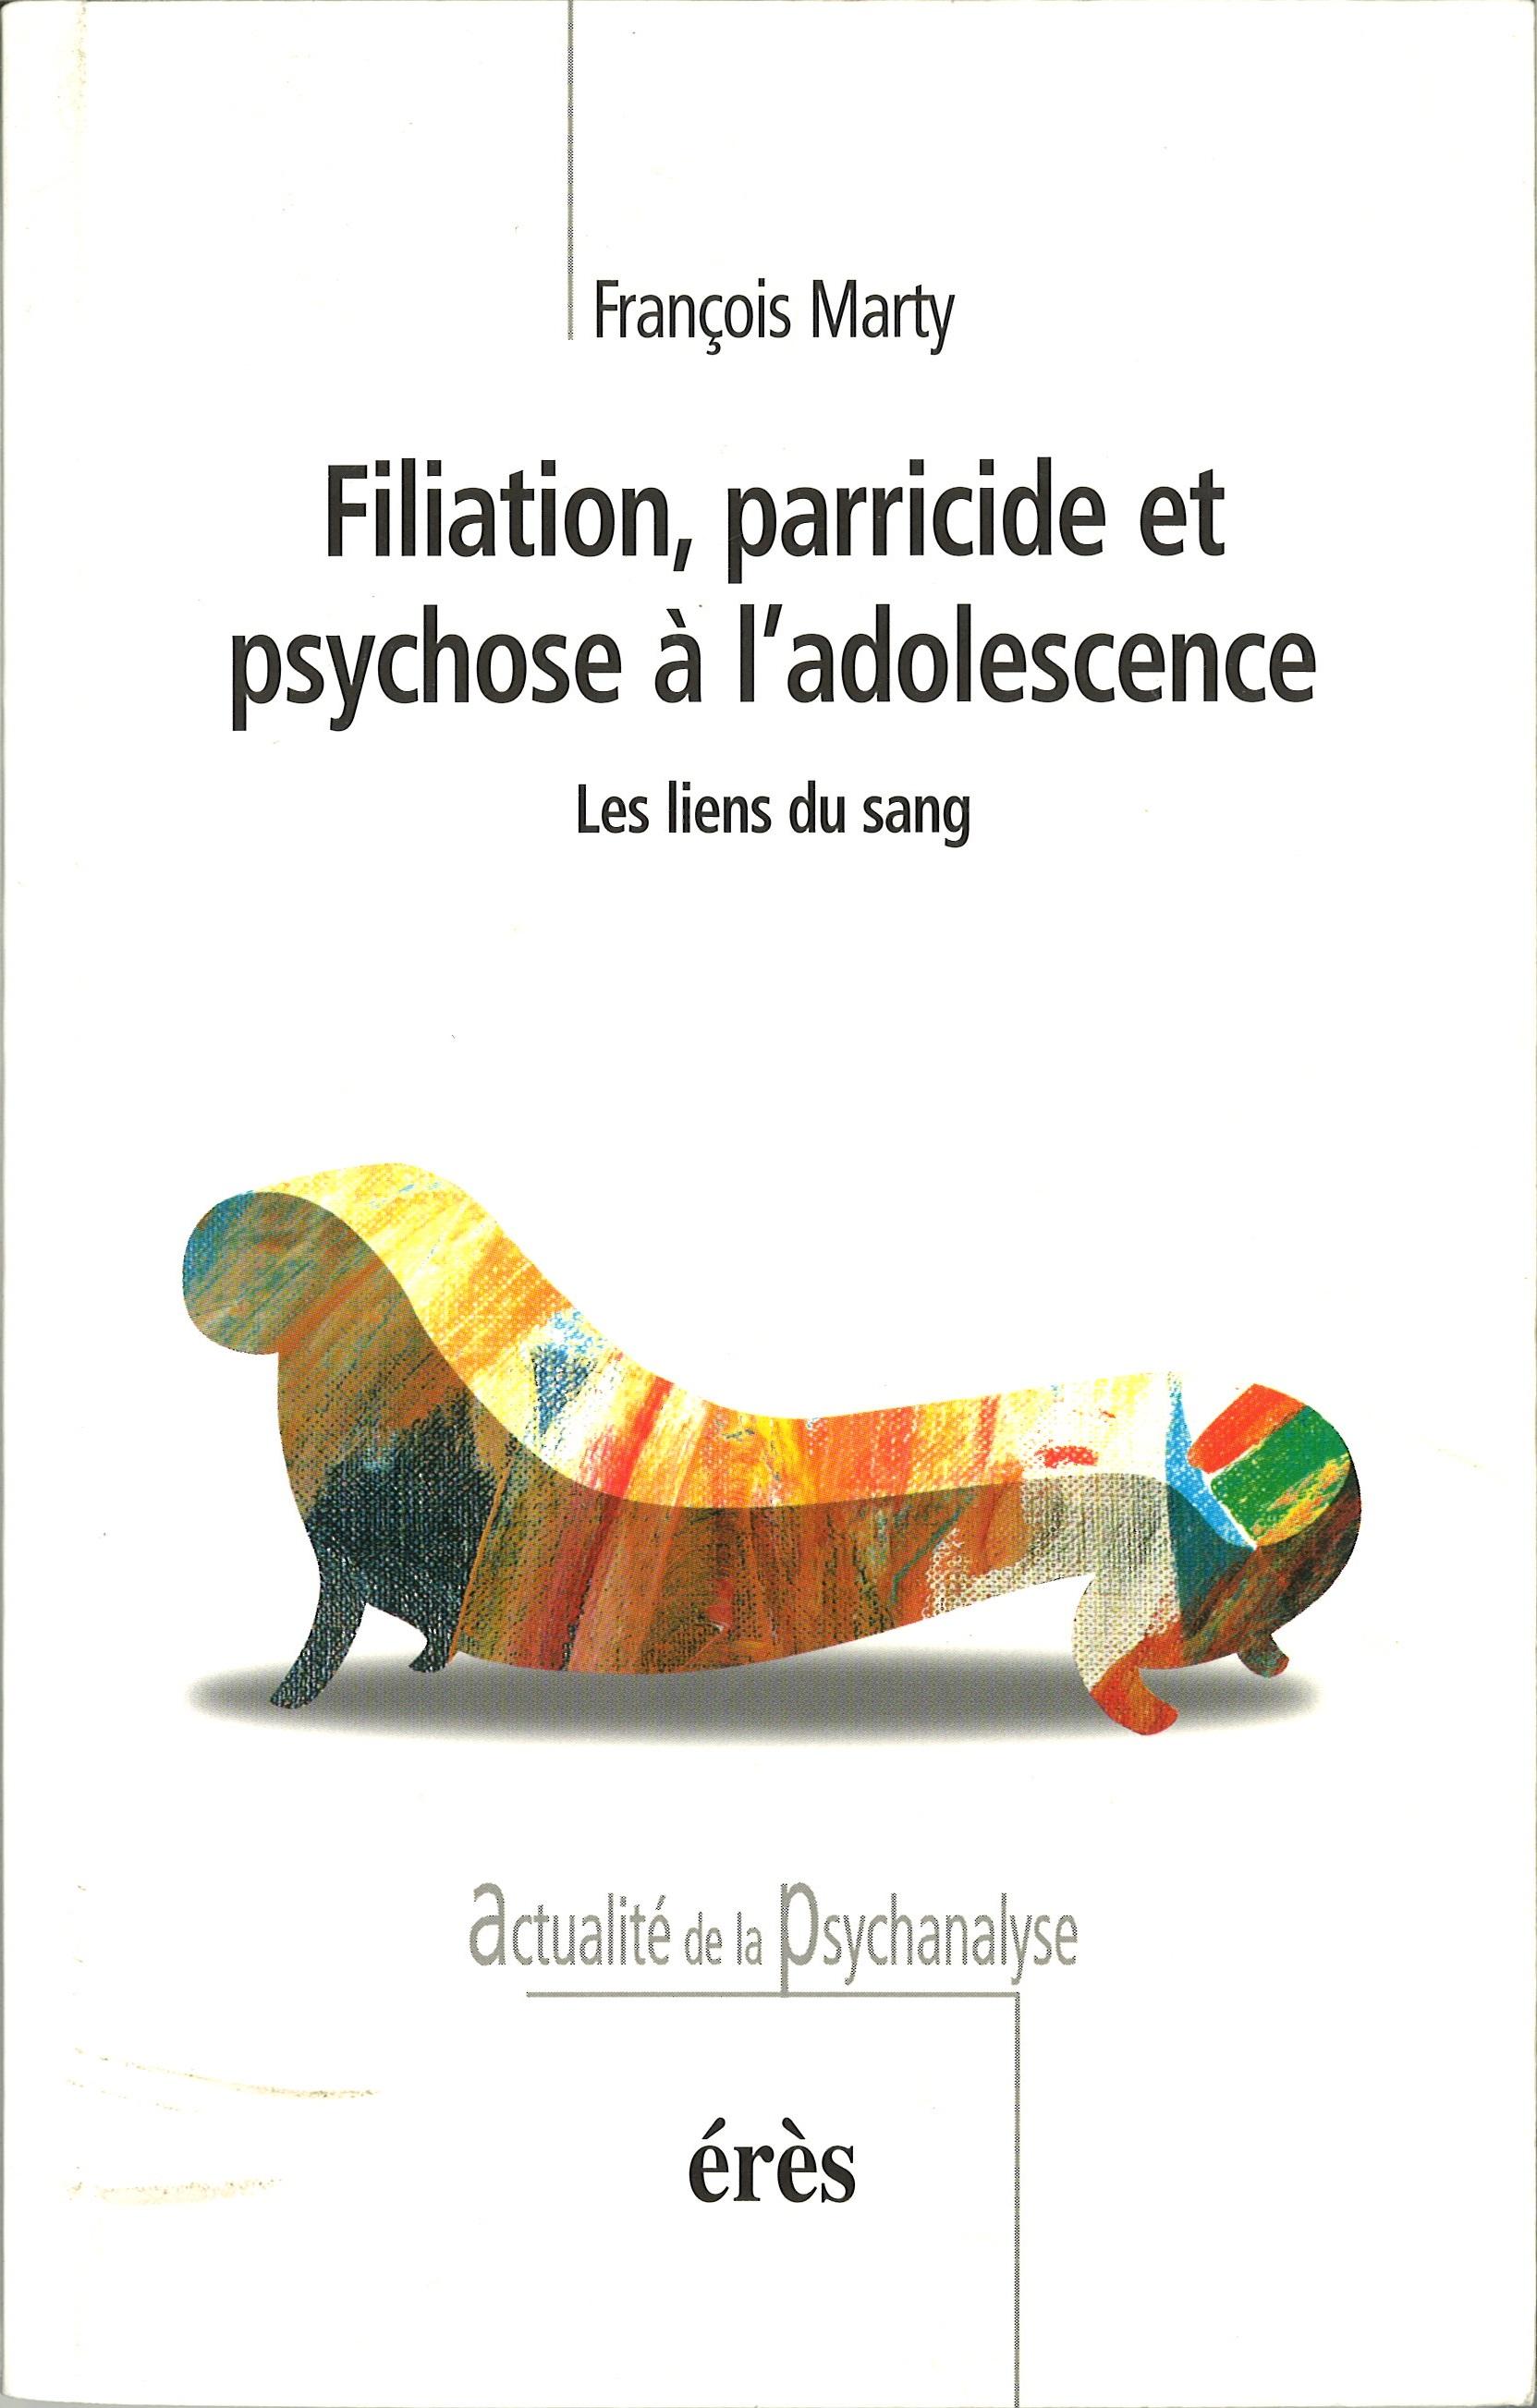 FILIATION, PARRICIDE ET PSYCHOSE A L'ADOLESCENCE. les liens du sang - François Marty